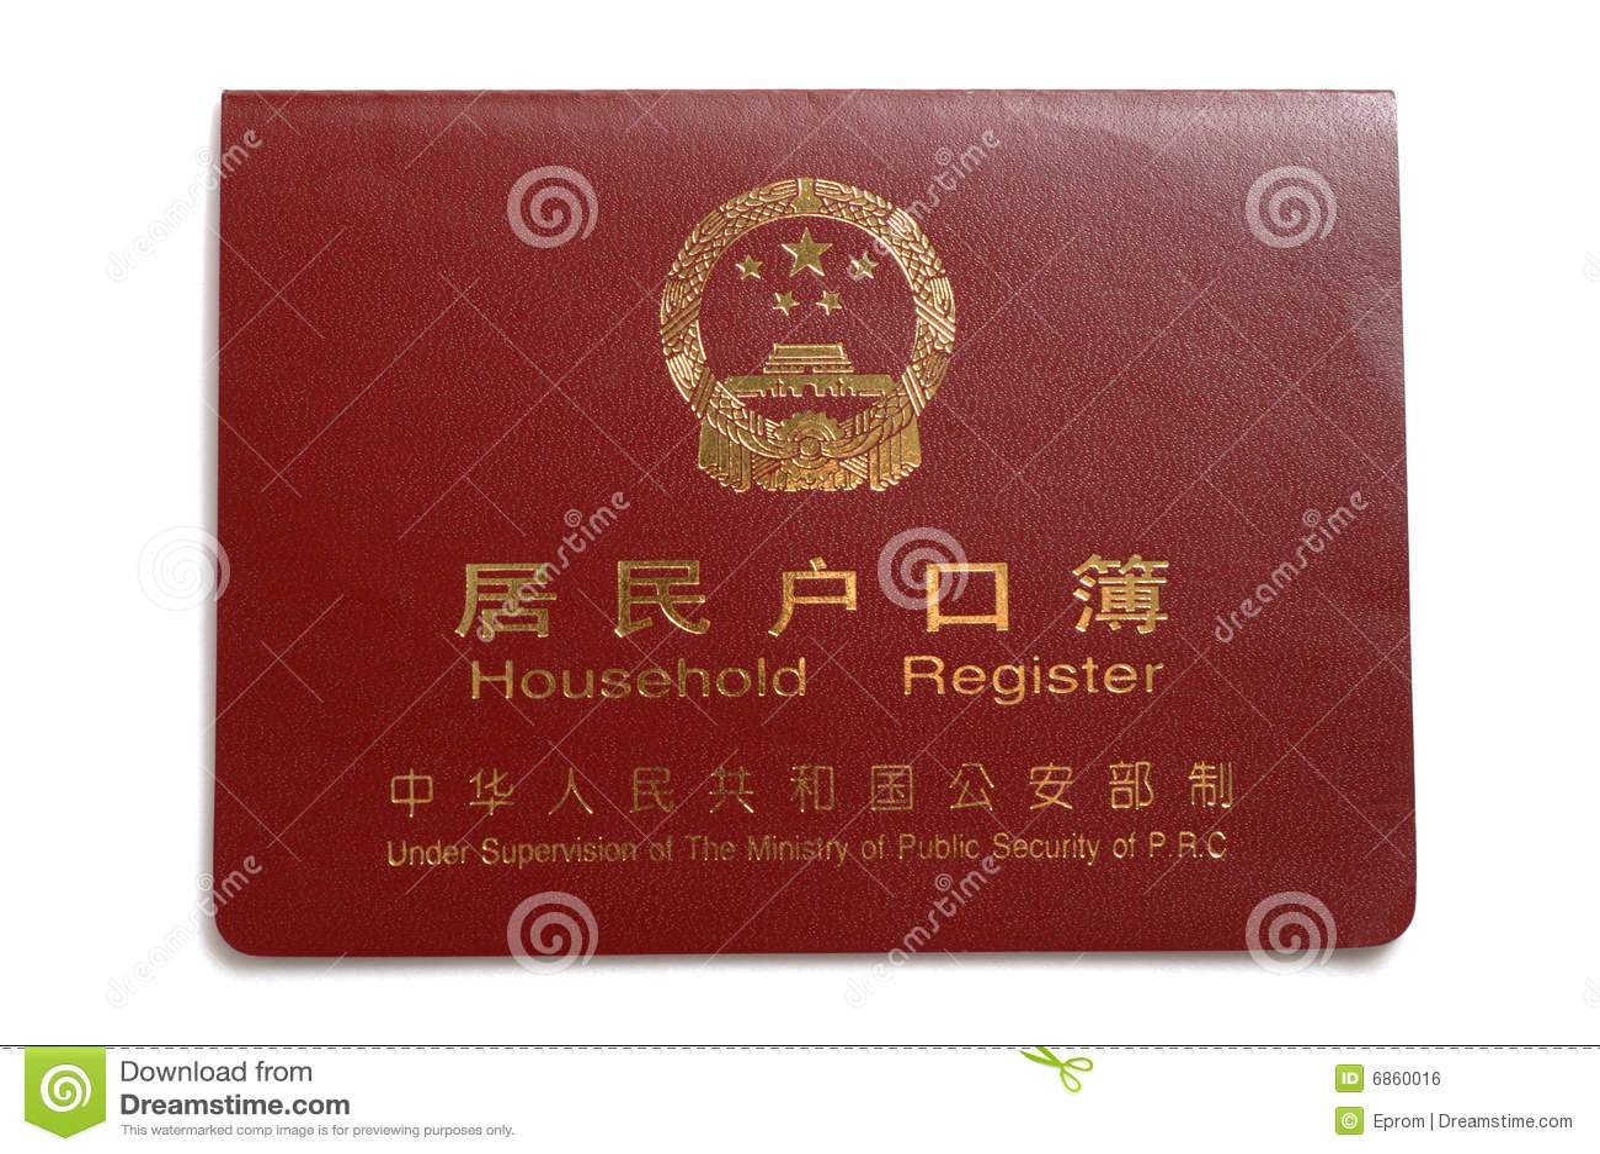 регистр домочадца фарфора